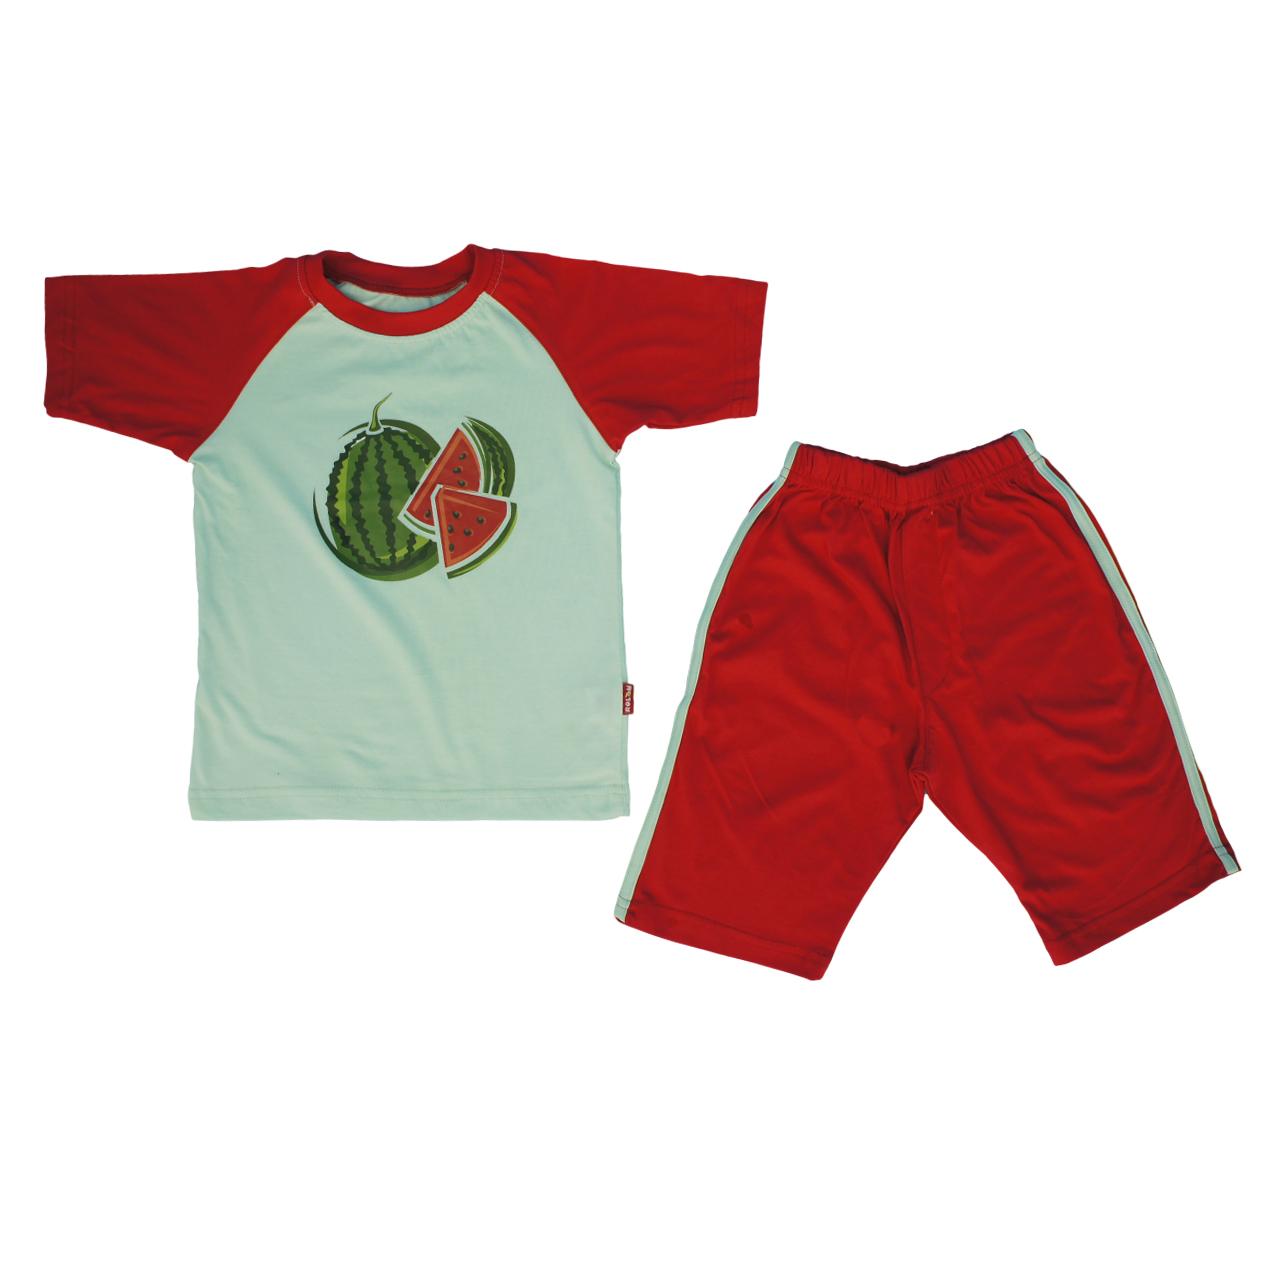 ست دو تکه لباس کودک  رولان طرح هندوانه کد 014